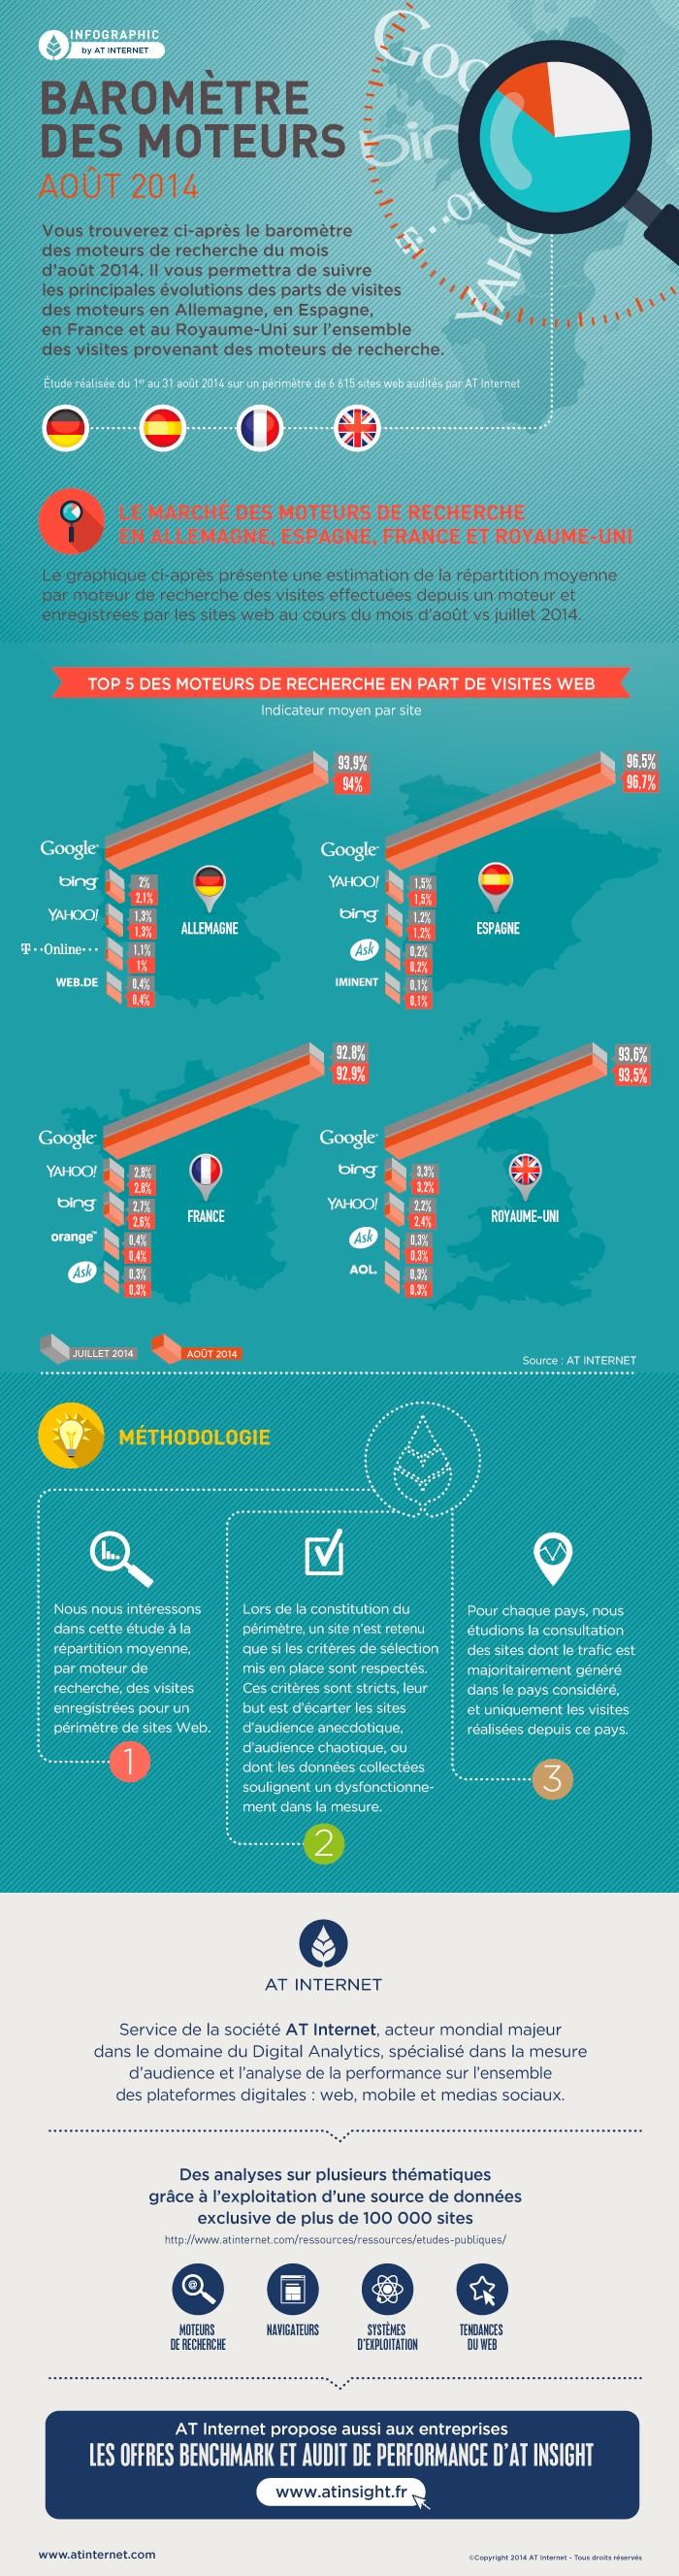 baromètre des moteurs de recherche en europe